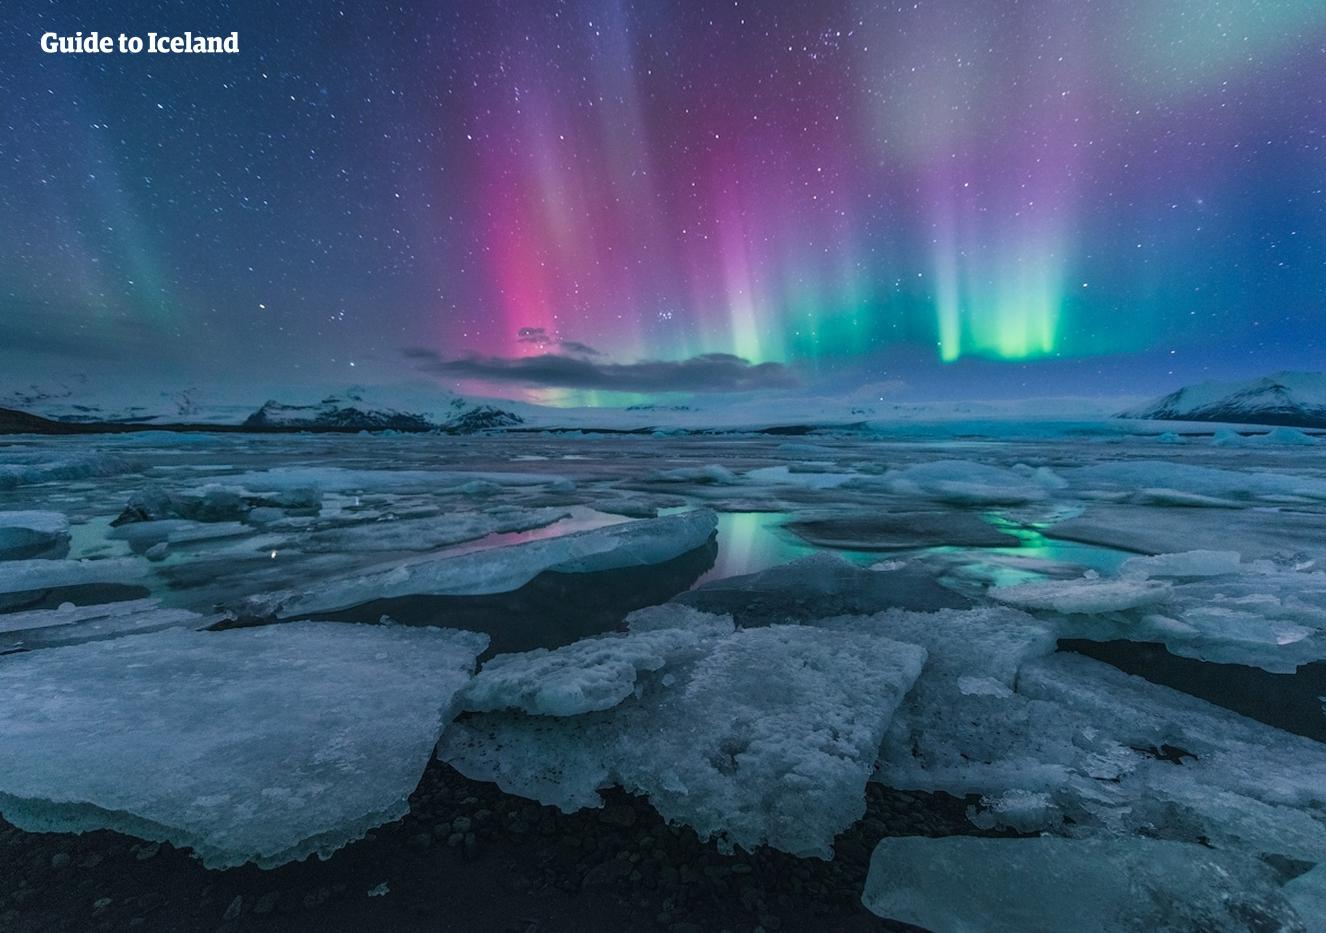 Dansend blauw noorderlicht met paarstinten boven de gletsjerlagune Jökulsárlón in Zuid-IJsland in de winter.